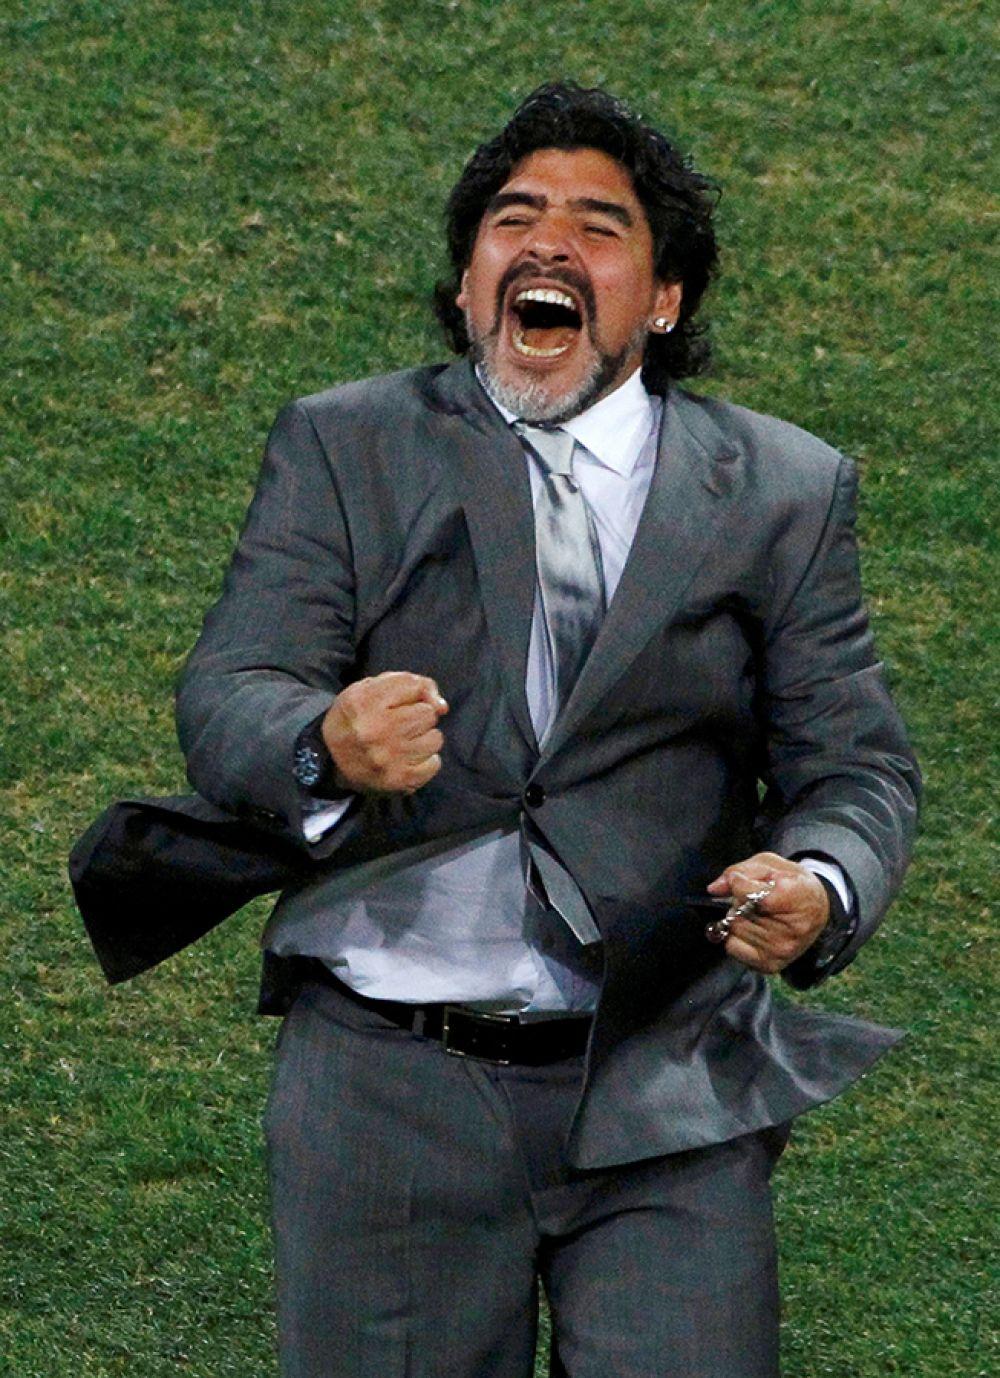 Тренер сборной Аргентины Диего Марадона празднует забитый гол своей команды во время футбольного матча против Мексики на ЧМ-2010.